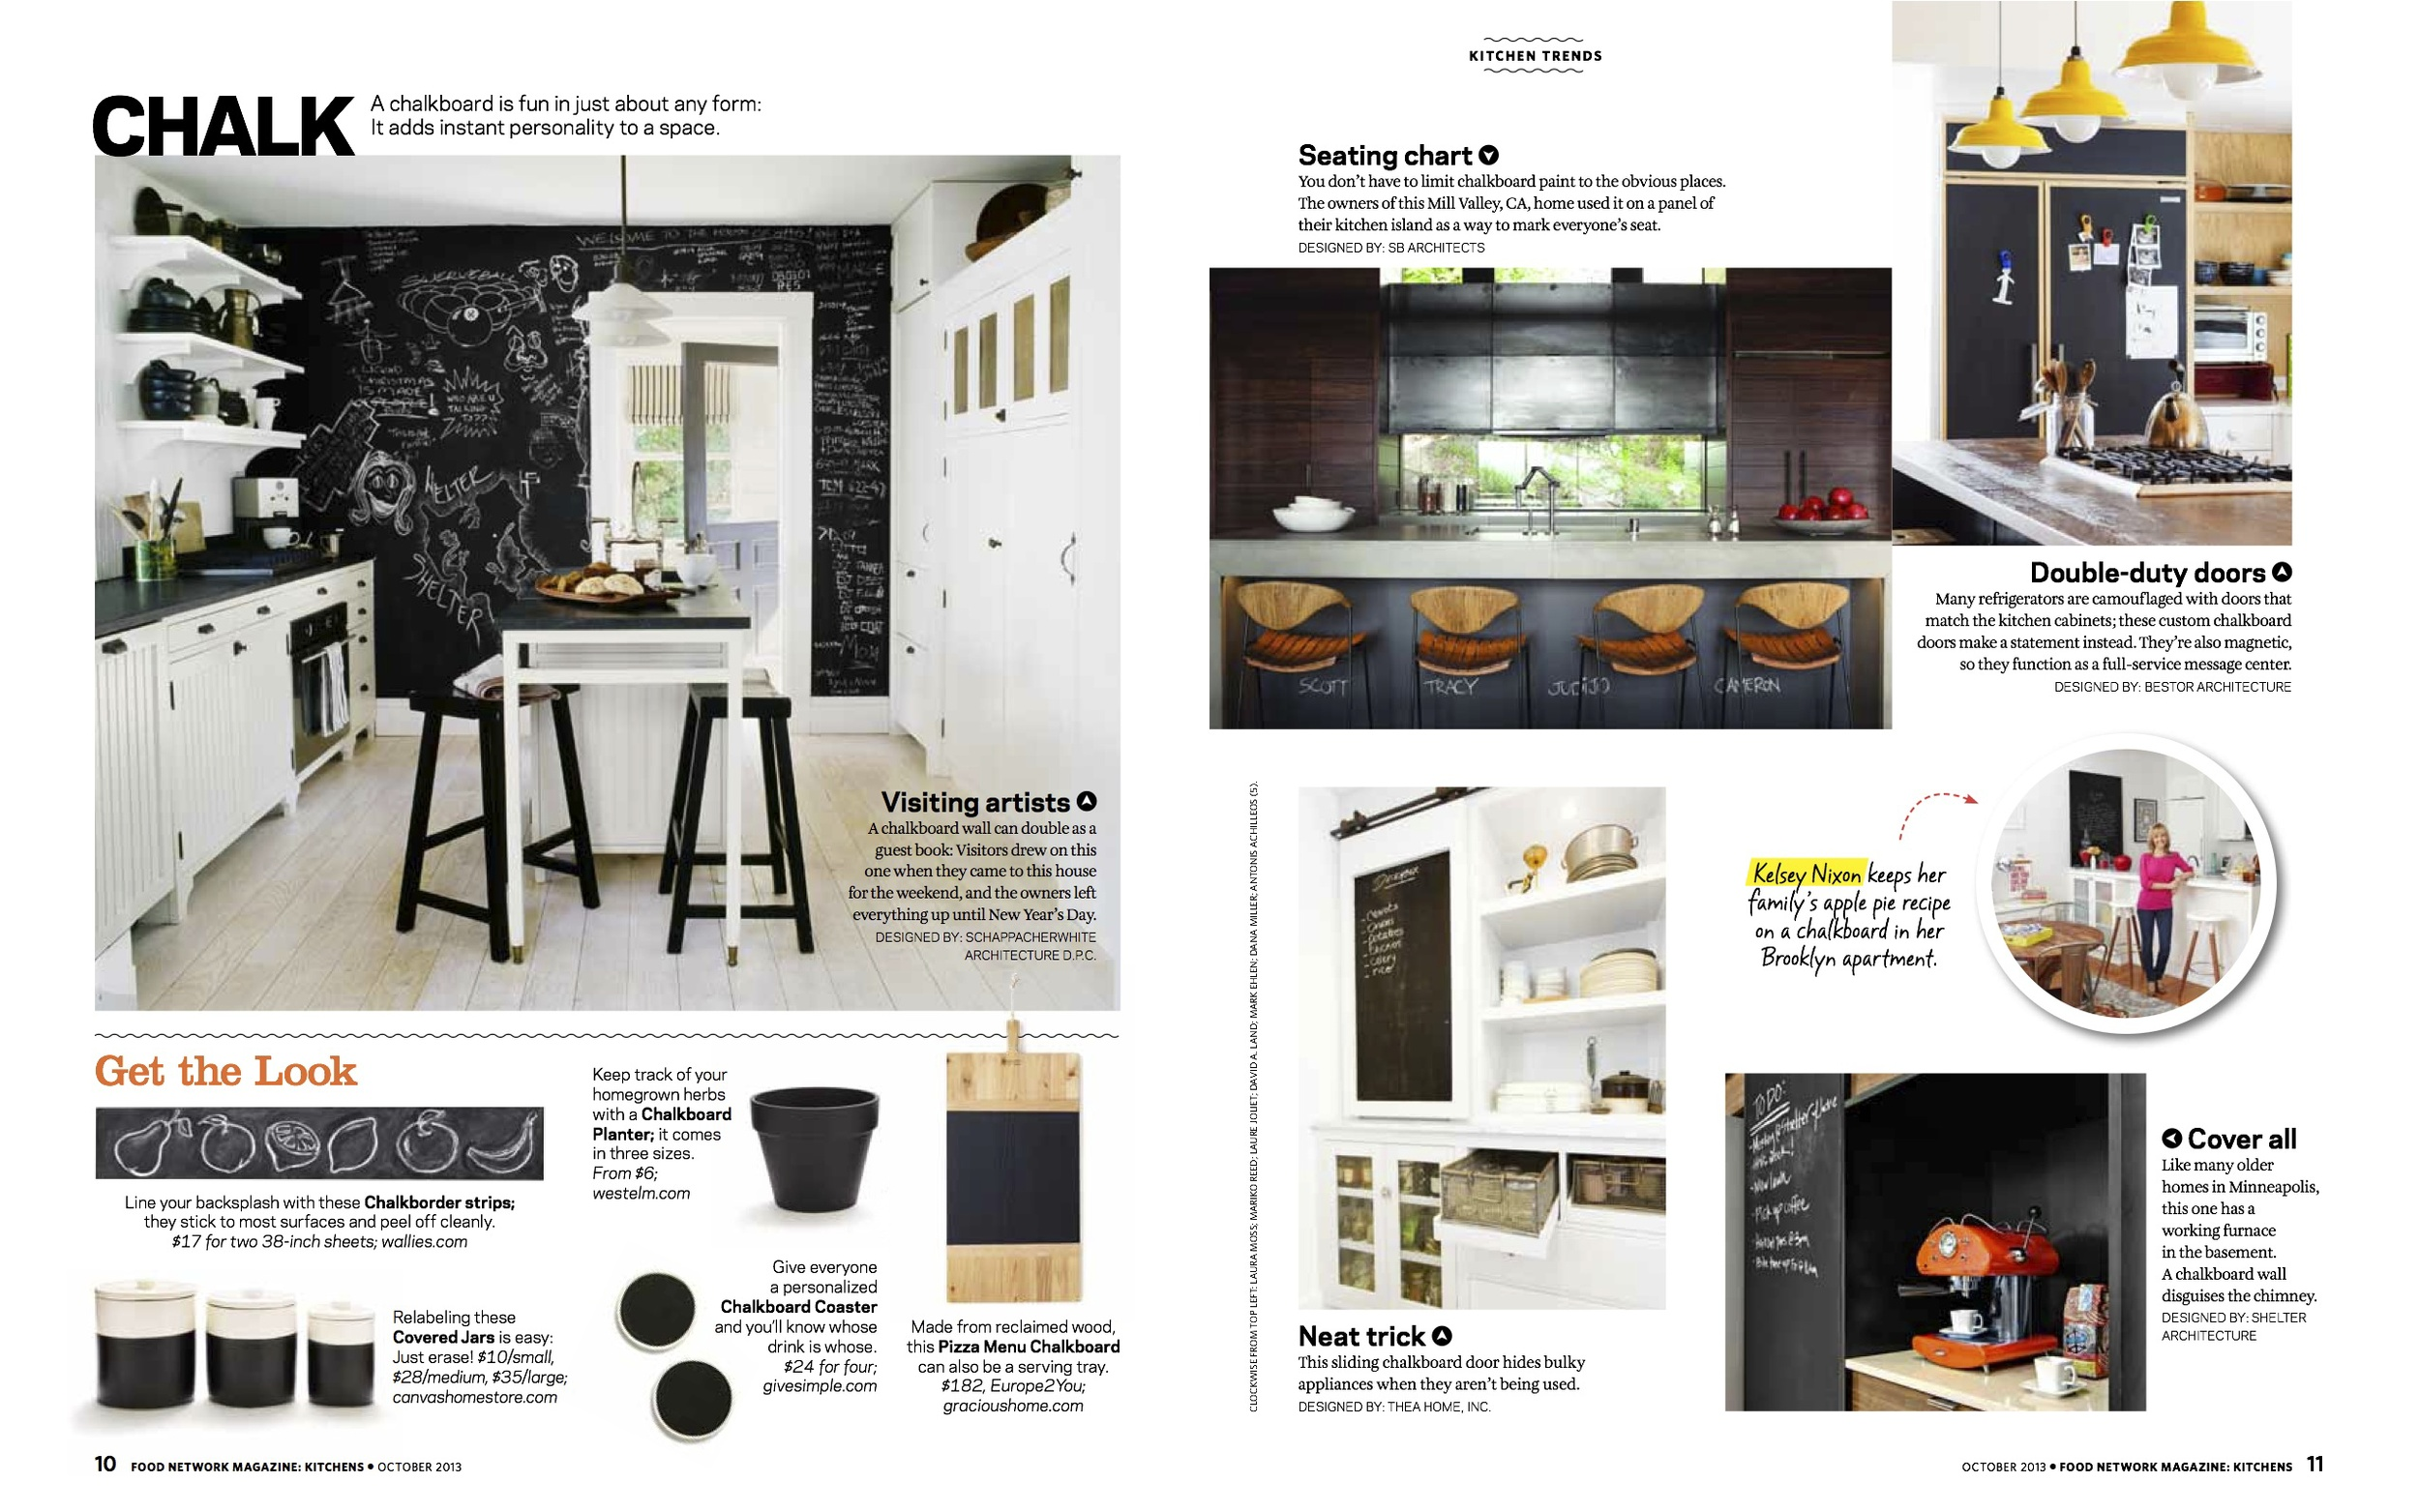 Kitchen Trends Chalk.jpg